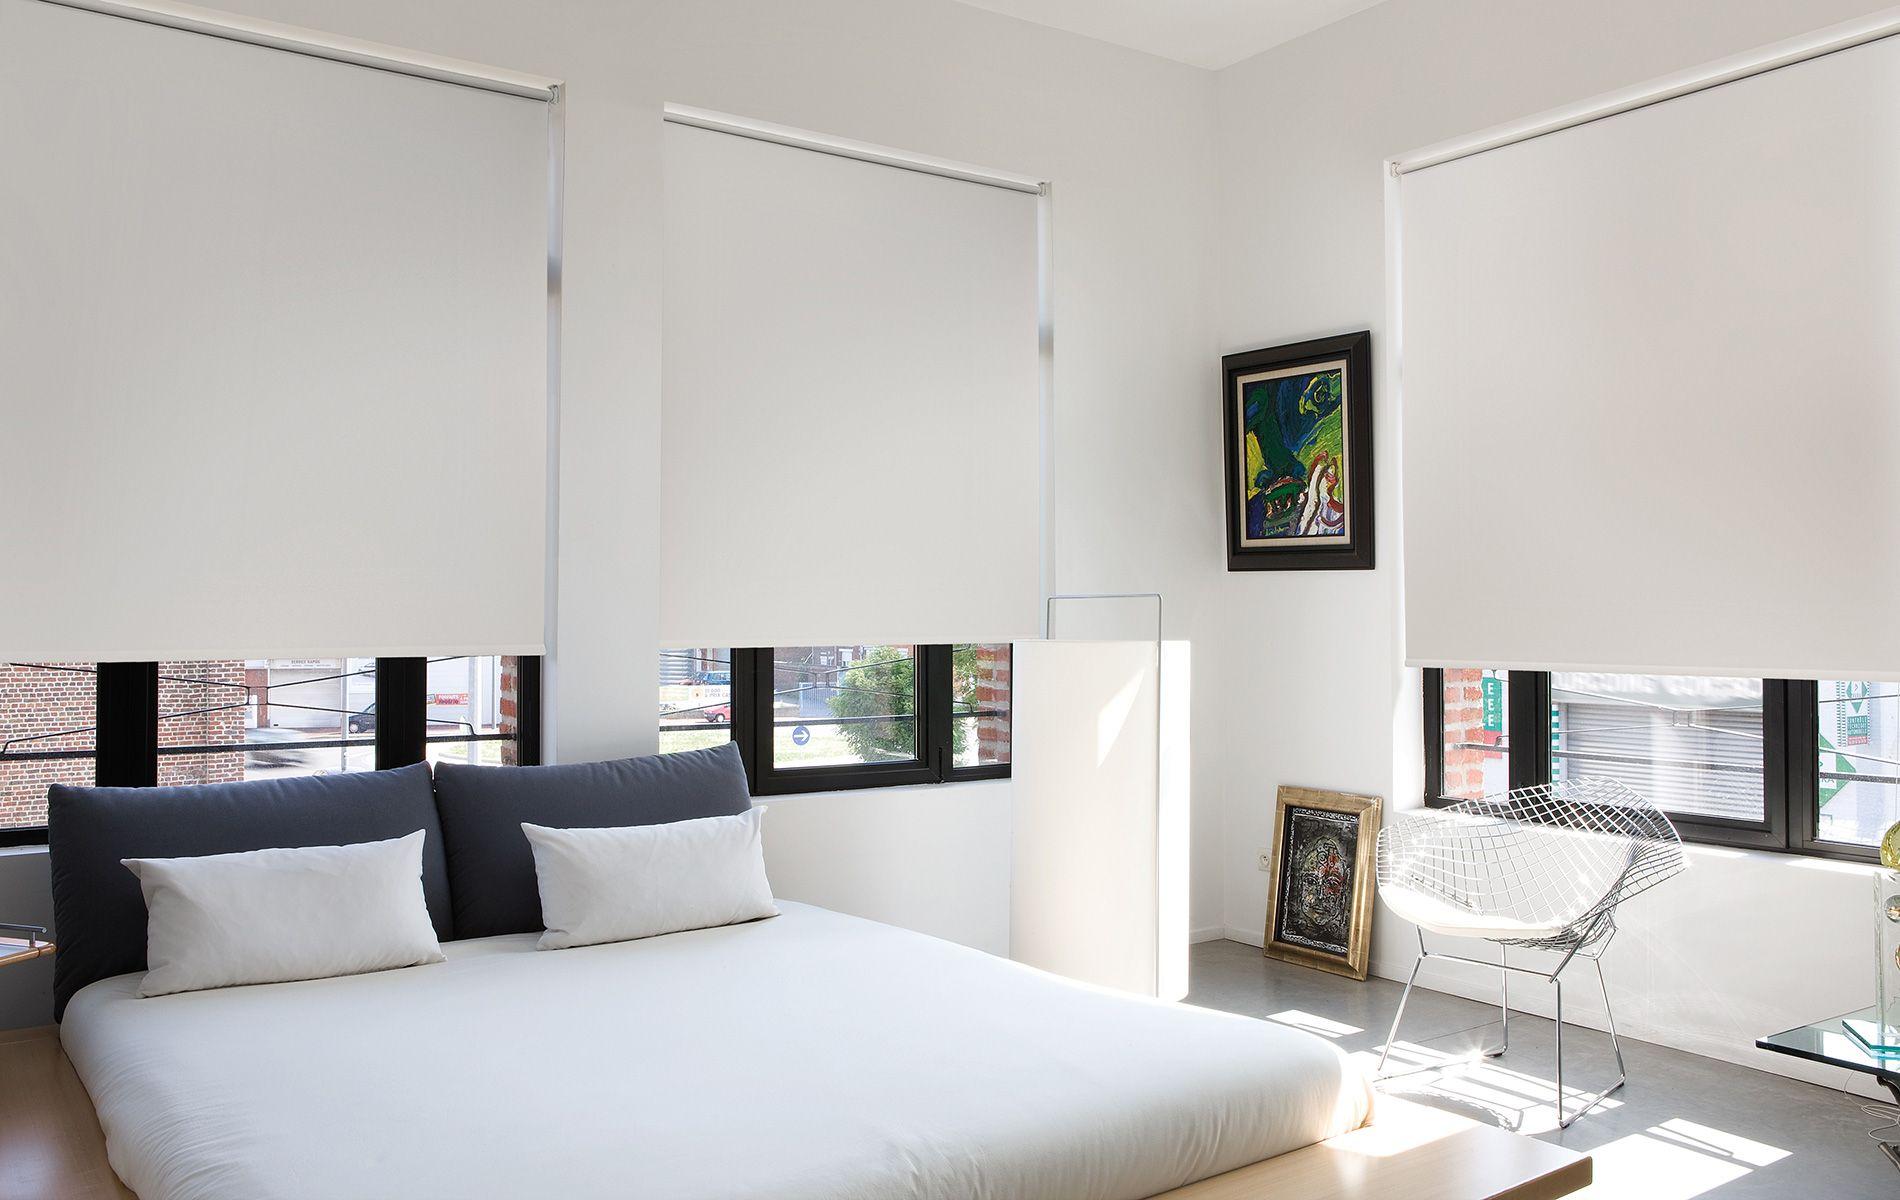 Pin by metrolux raamdecoratie & interieuradvies on rolgordijnen